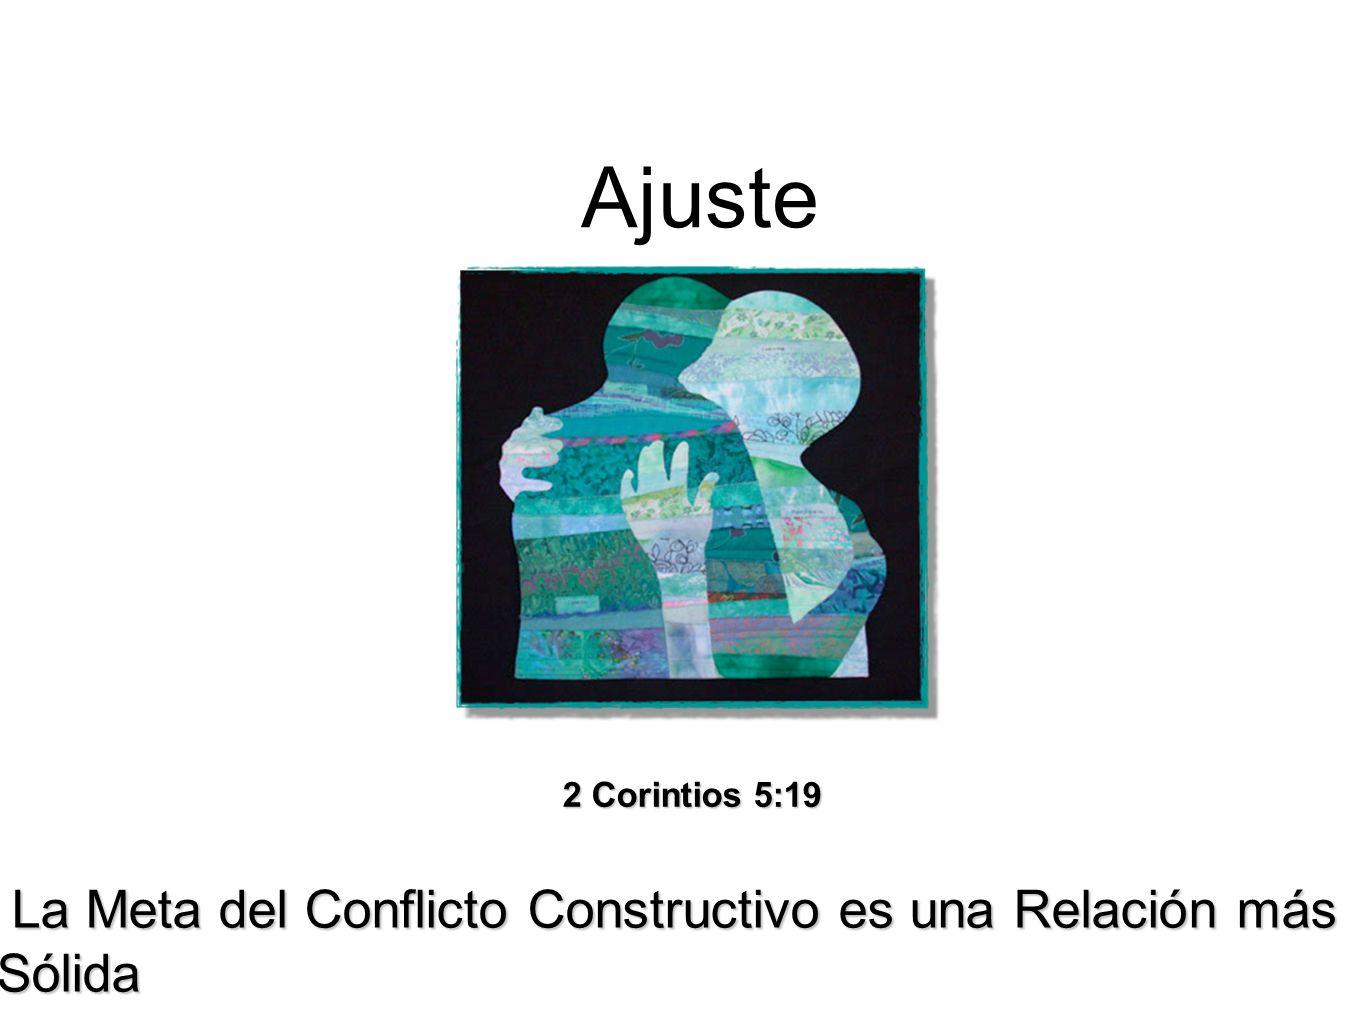 La Meta del Conflicto Constructivo es una Relación más Sólida La Meta del Conflicto Constructivo es una Relación más Sólida Ajuste 2 Corintios 5:19